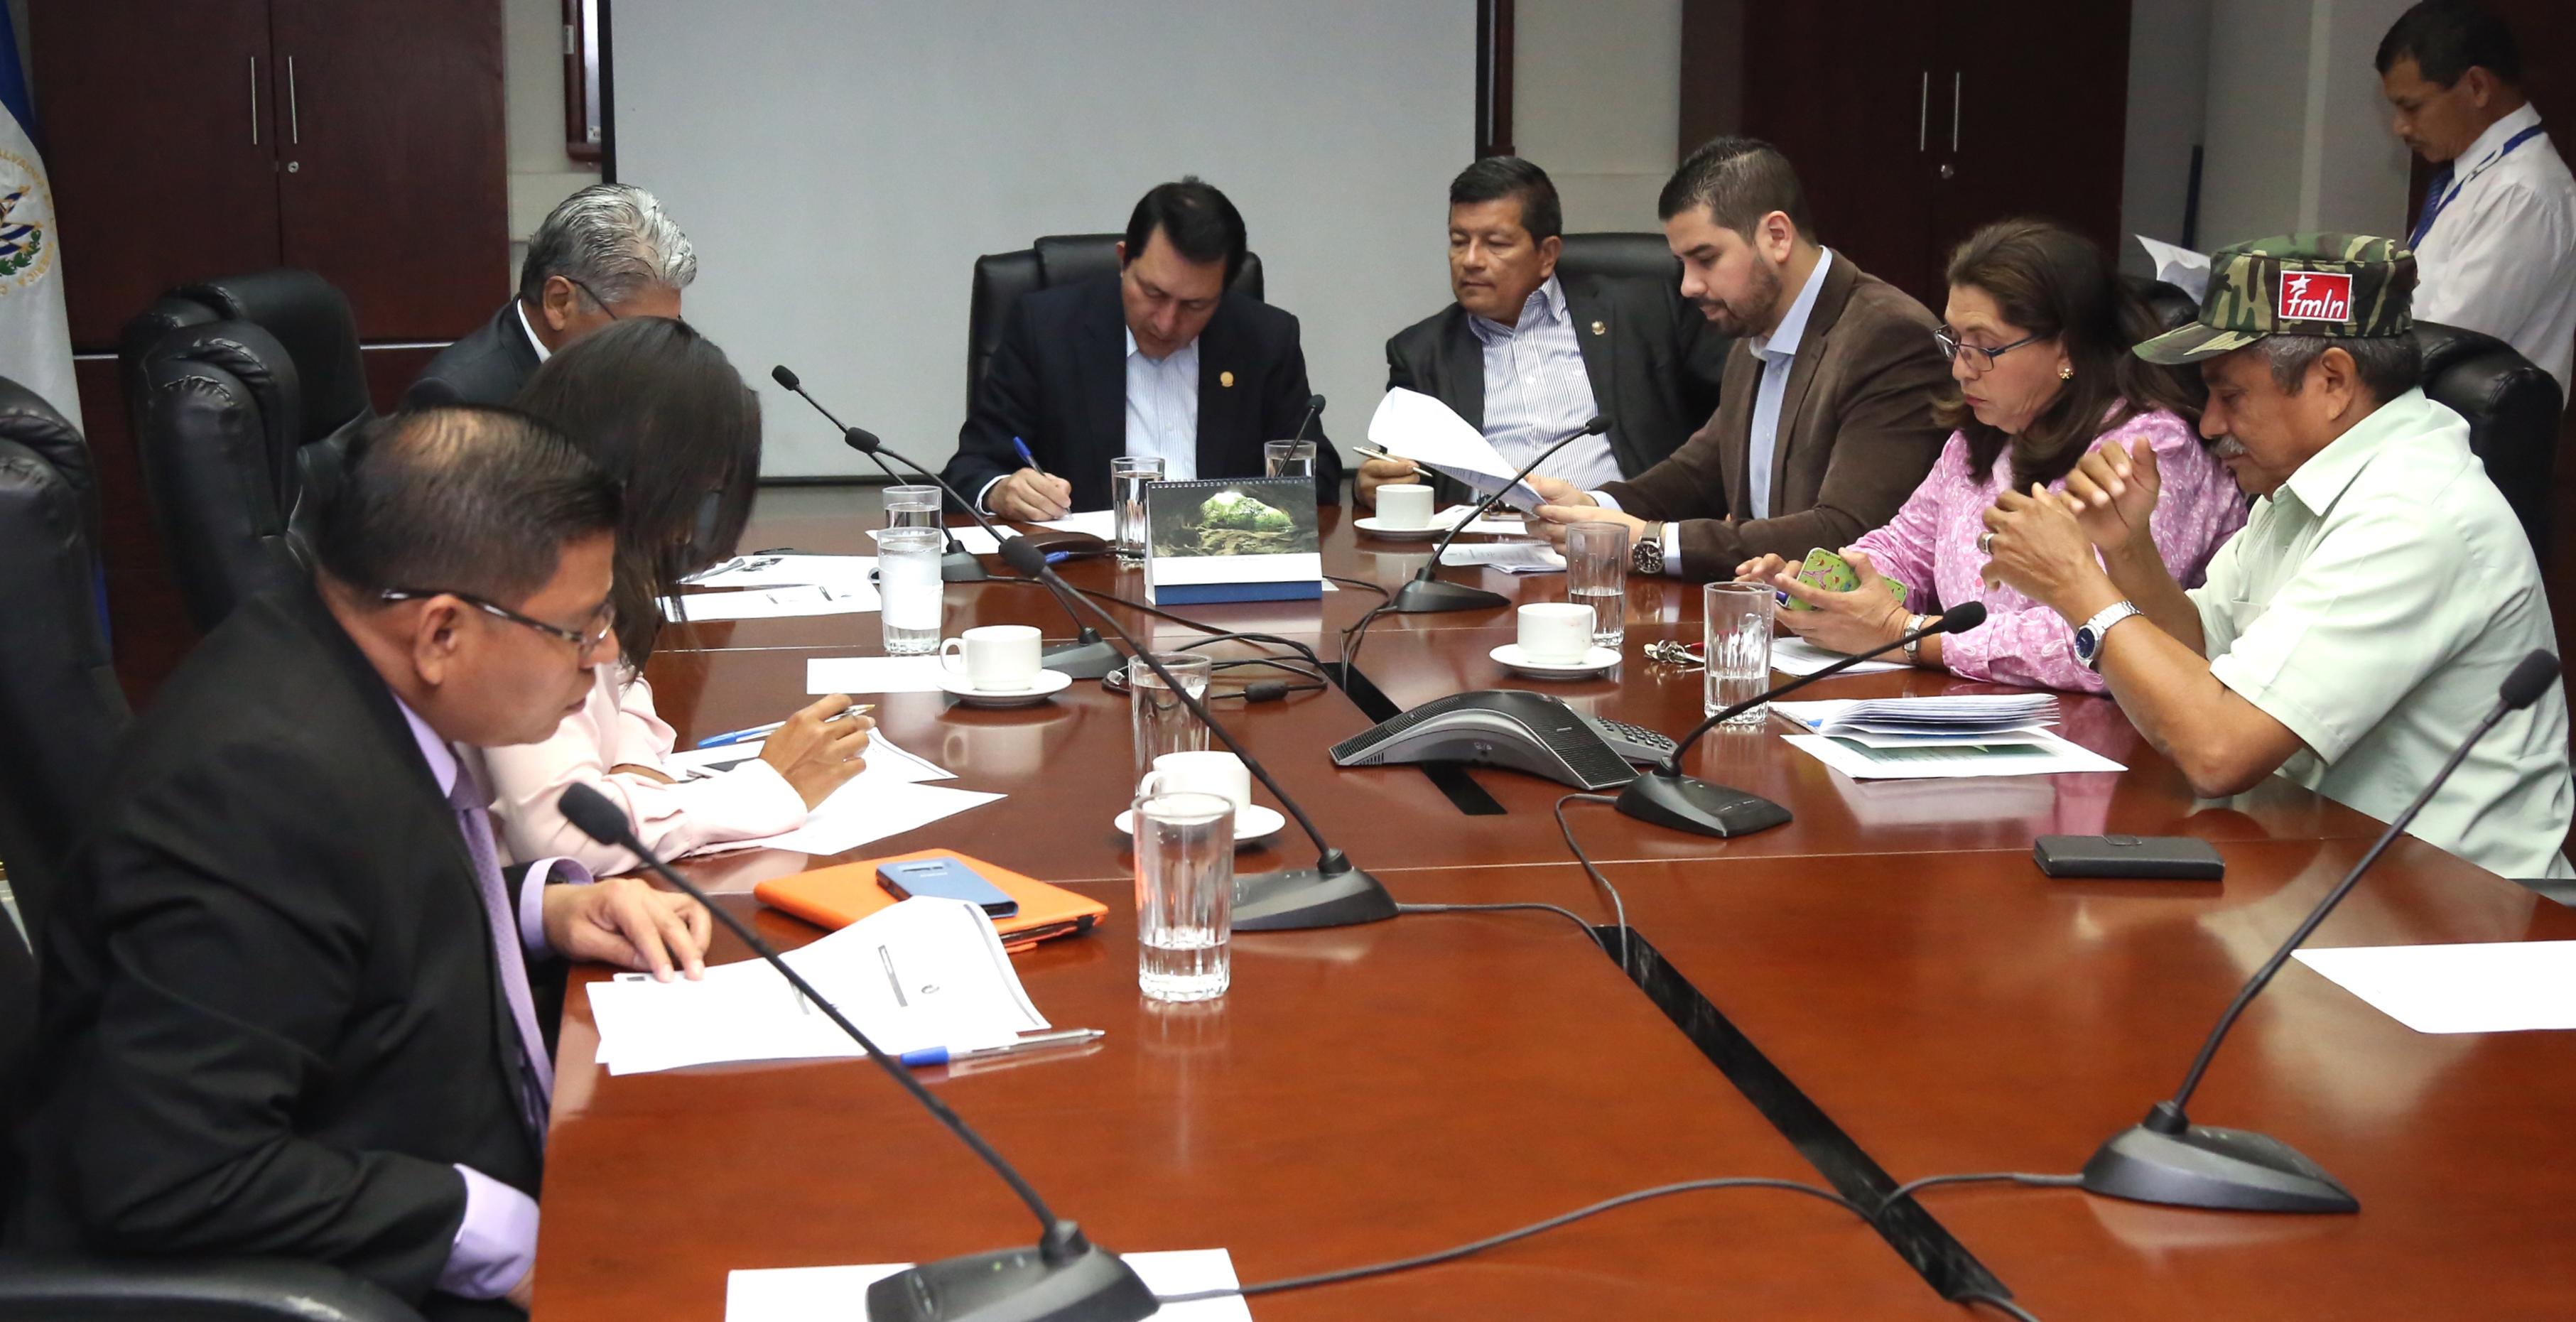 Dictamen favorable para delimitar municipios de Chalchuapa y Santa Ana